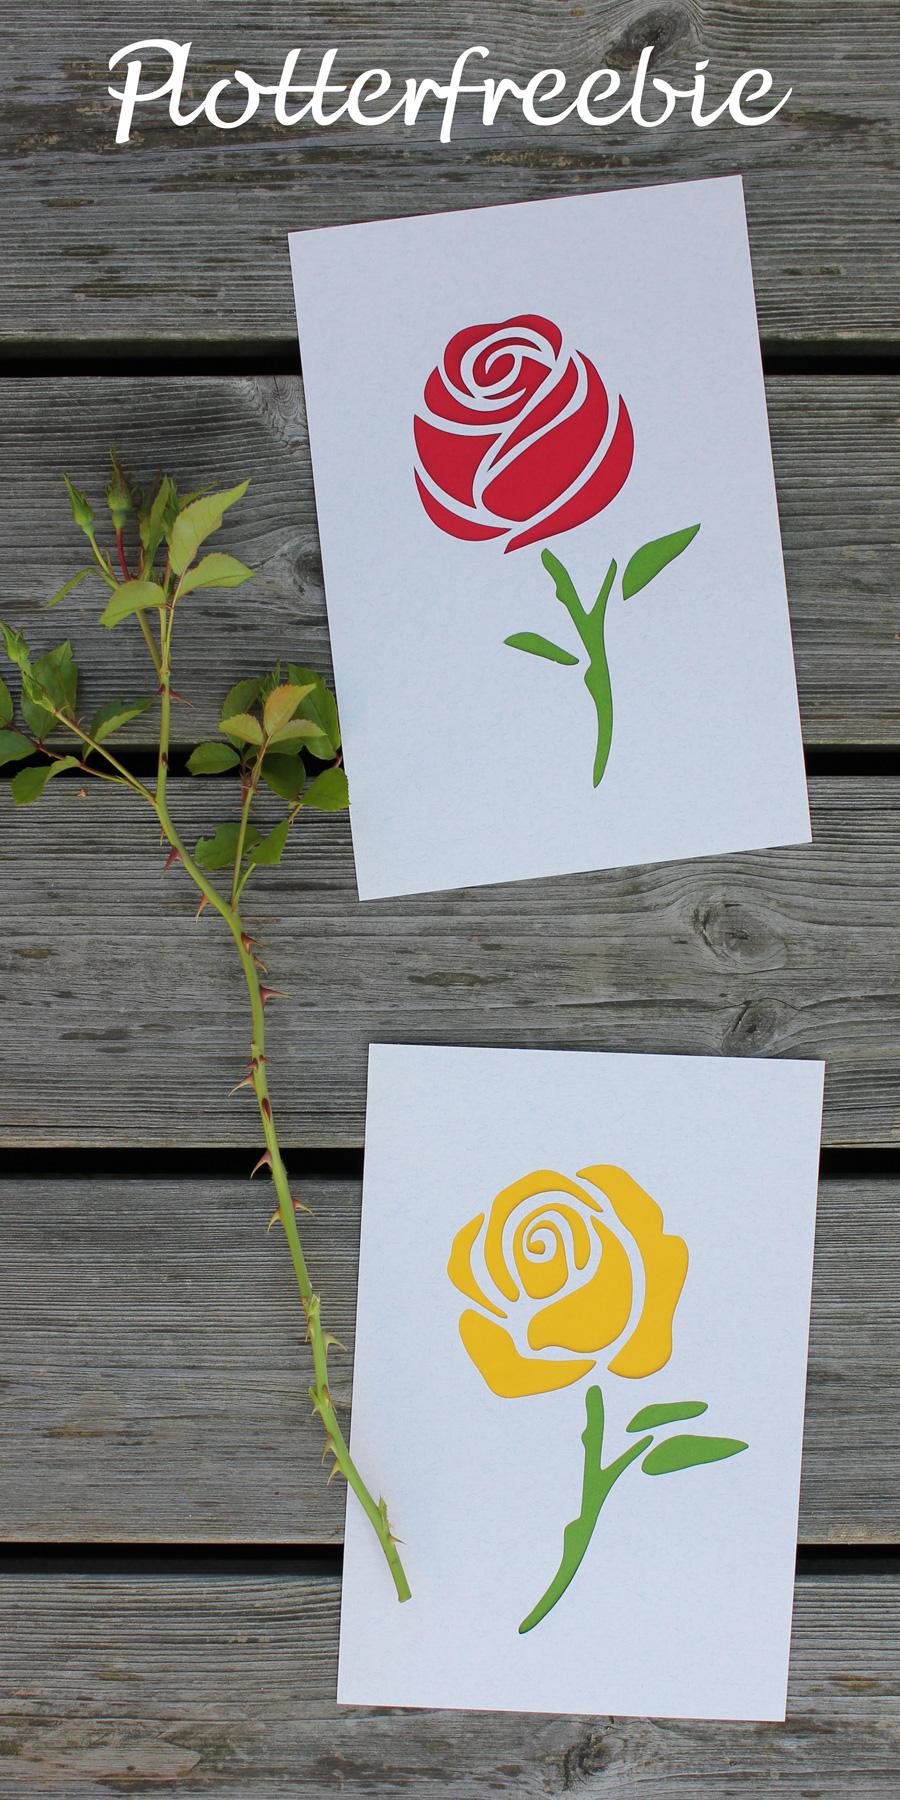 Rosen-Plotterfreebie: eine aufblühende und eine offene Rose